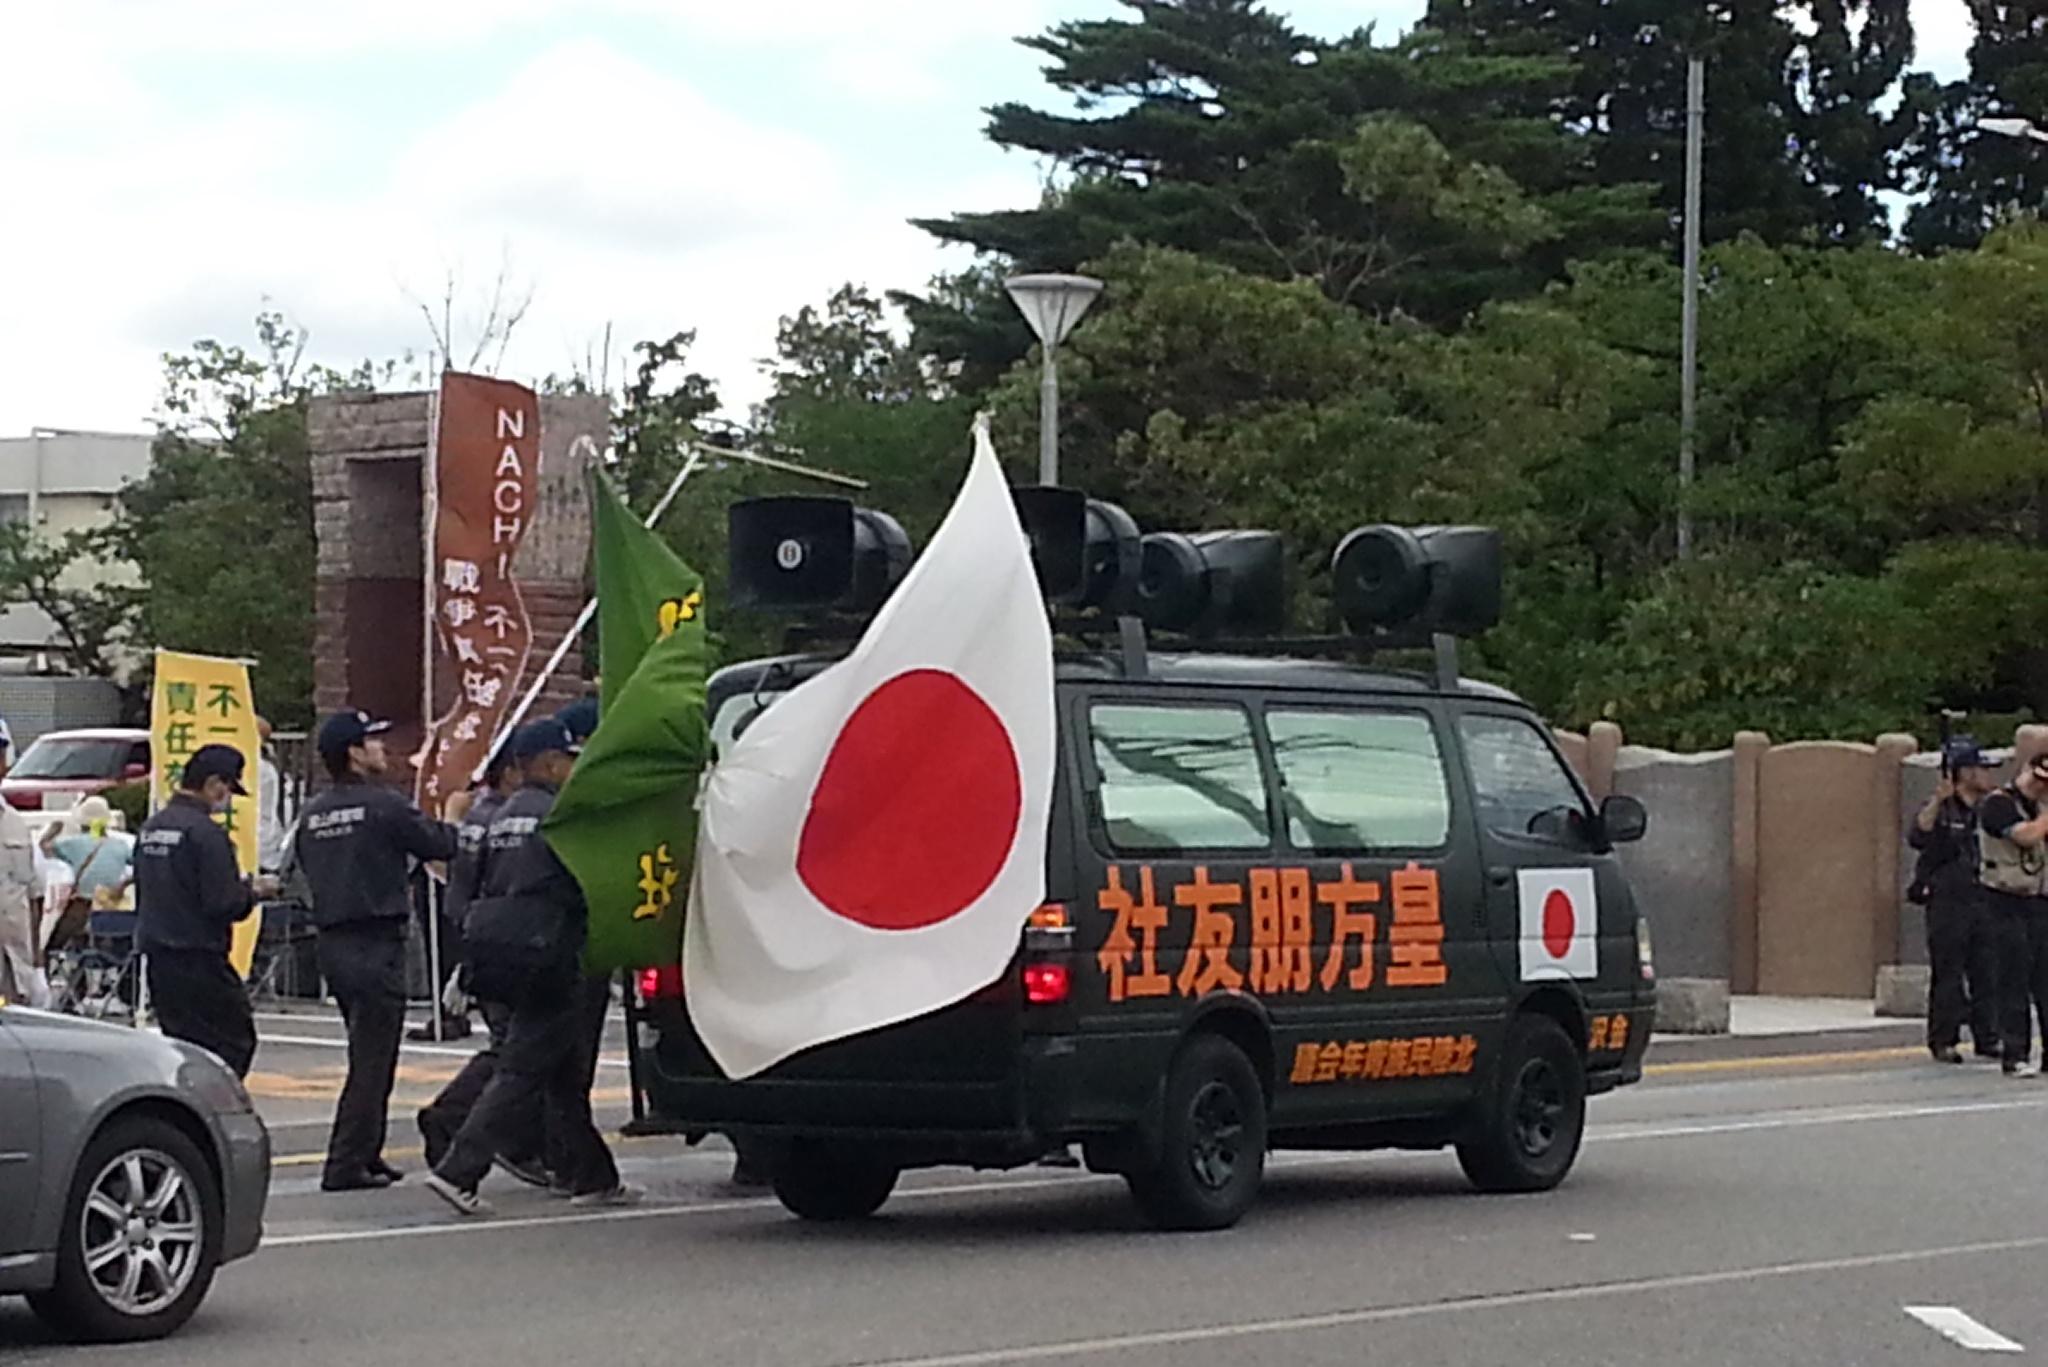 平成二十八年七月不二越訴訟を支援する中核派に対する抗議行動13